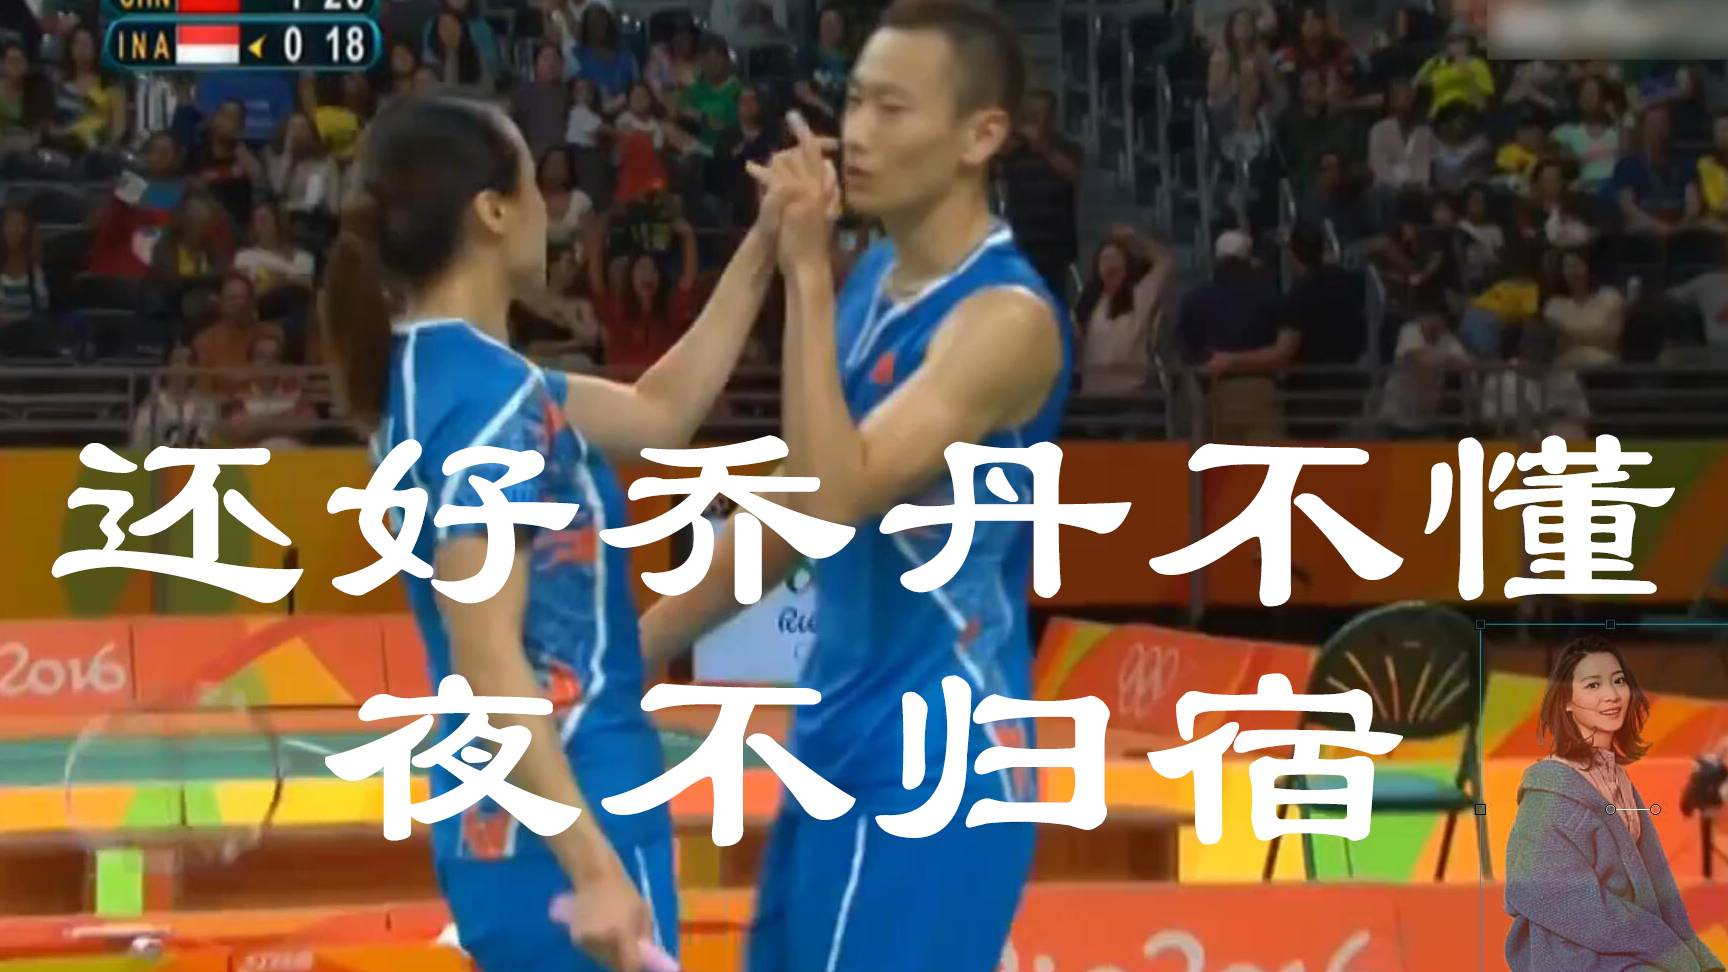 【里约奥运】张楠赵芸蕾防守是真的强 或许是乔丹还不懂夜不归宿吧 芸楠vs苏丹